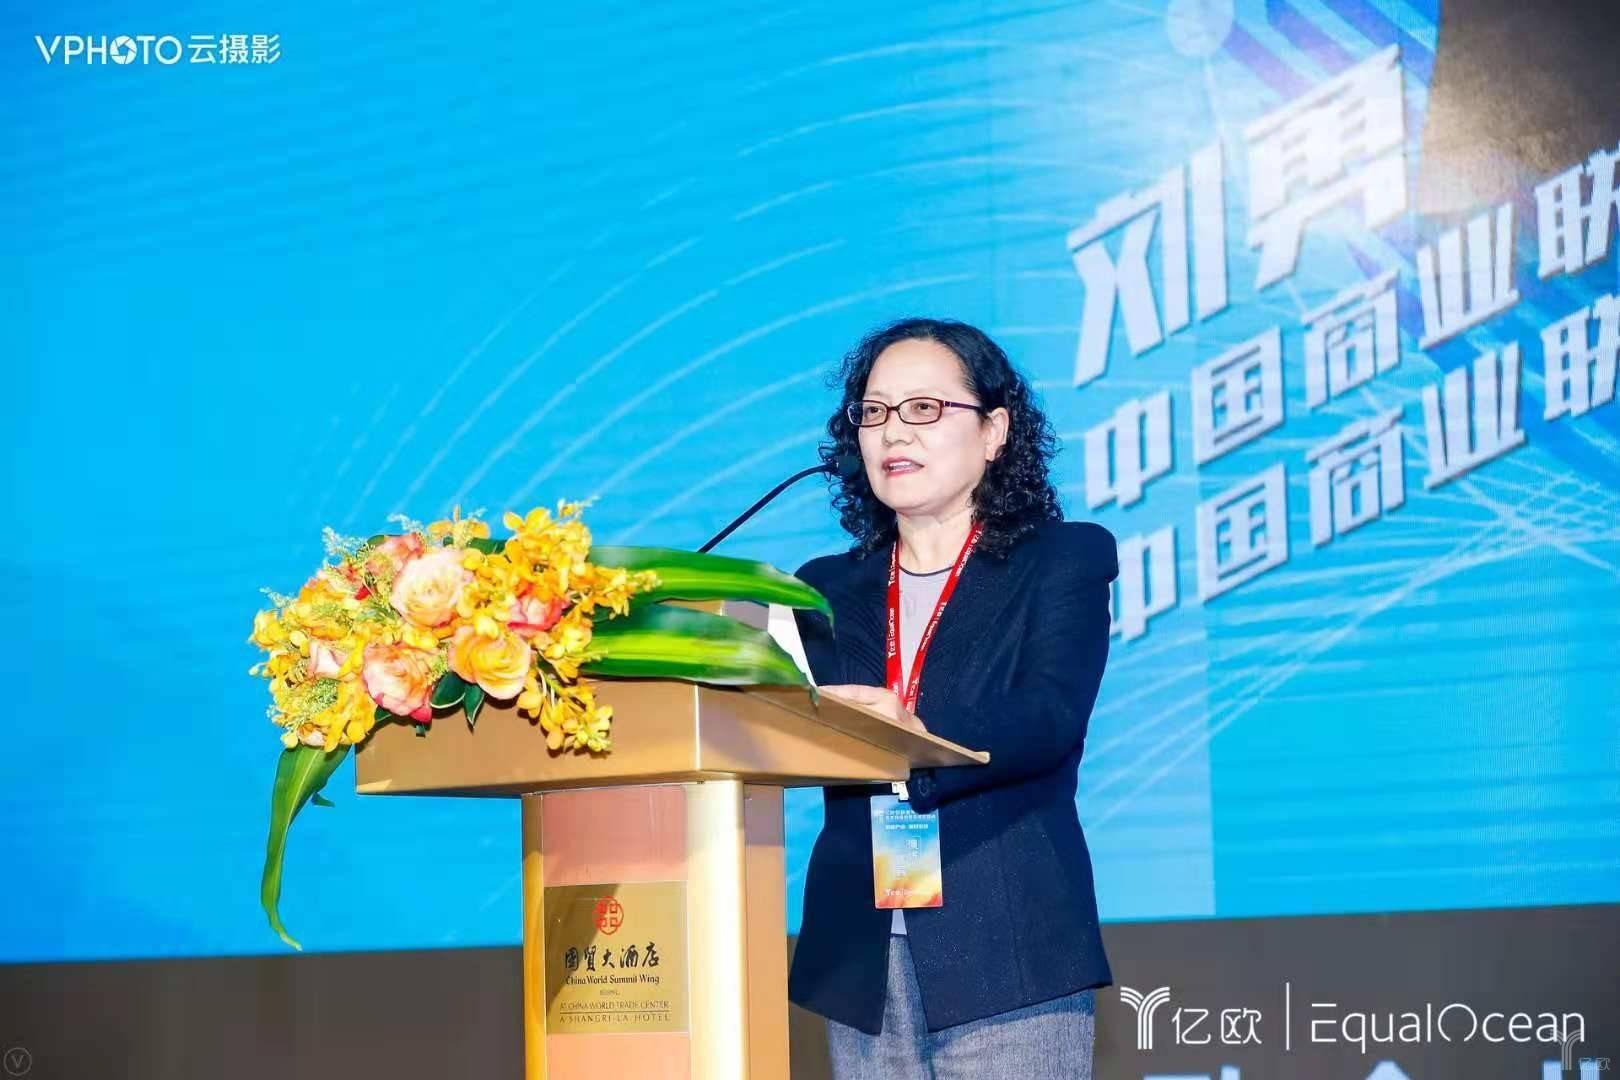 中國商業聯合會劉勇:始終關注中小企業,提供優質智能服務